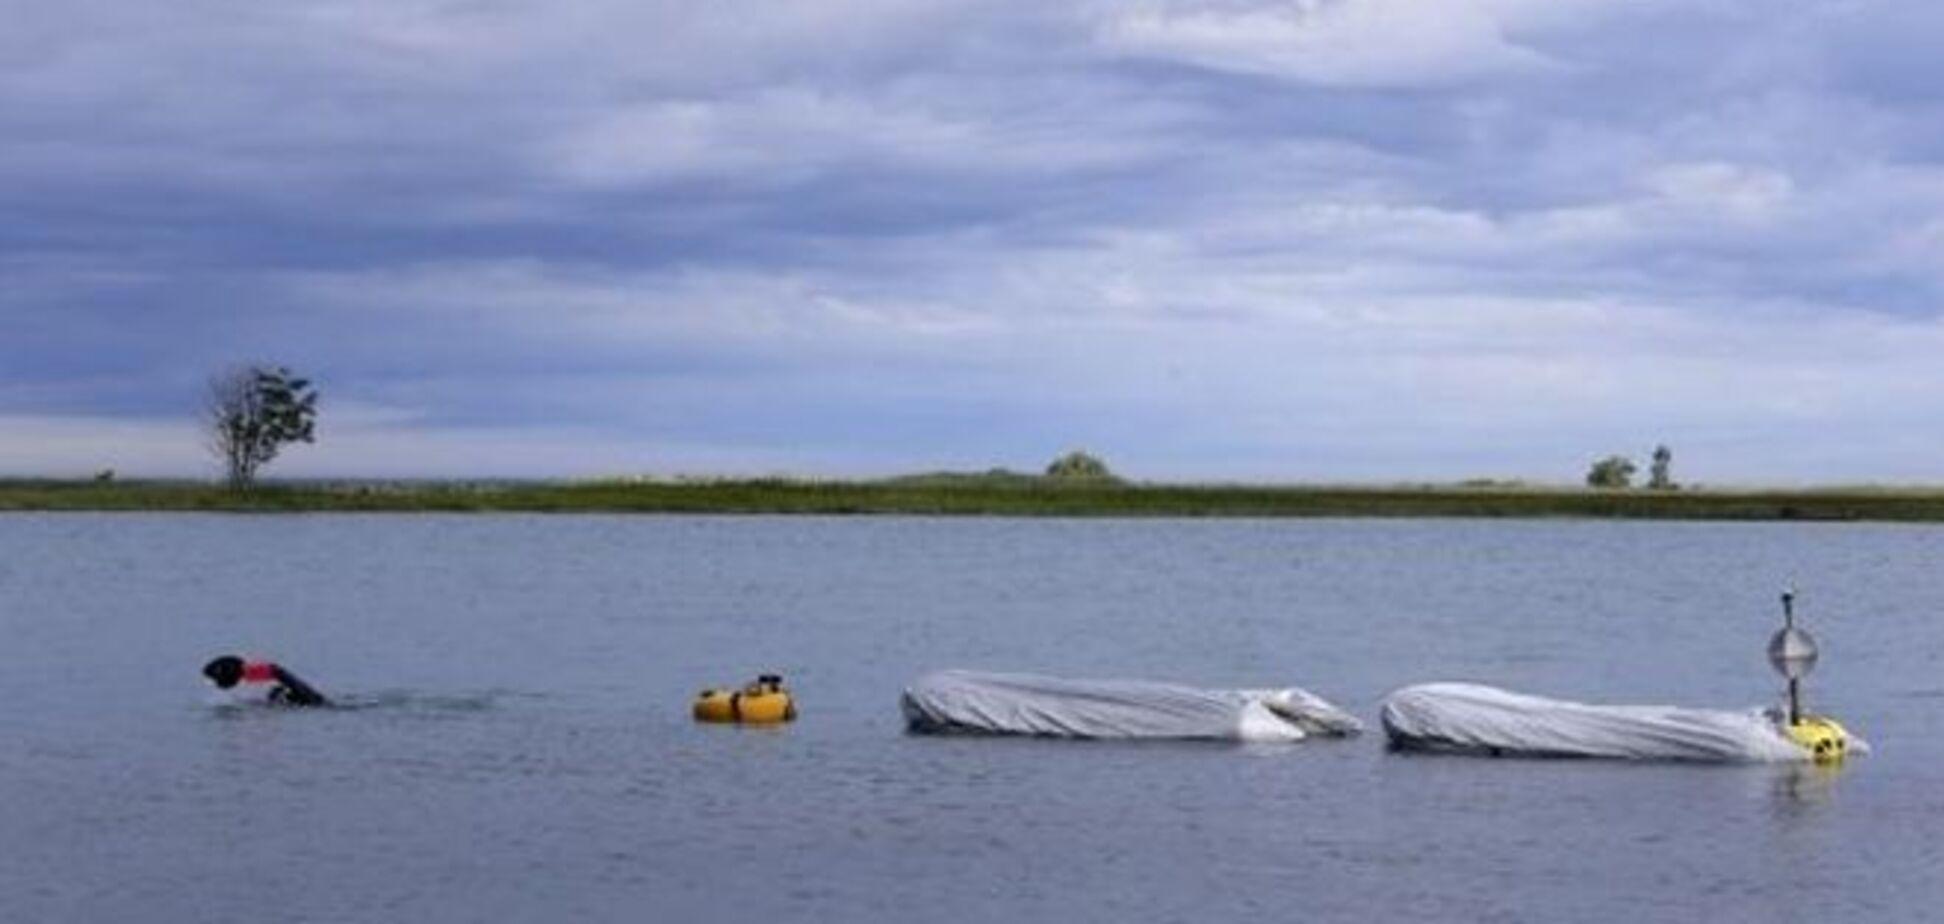 Американский экстремал решил проплыть 35 км с тонной кирпичей